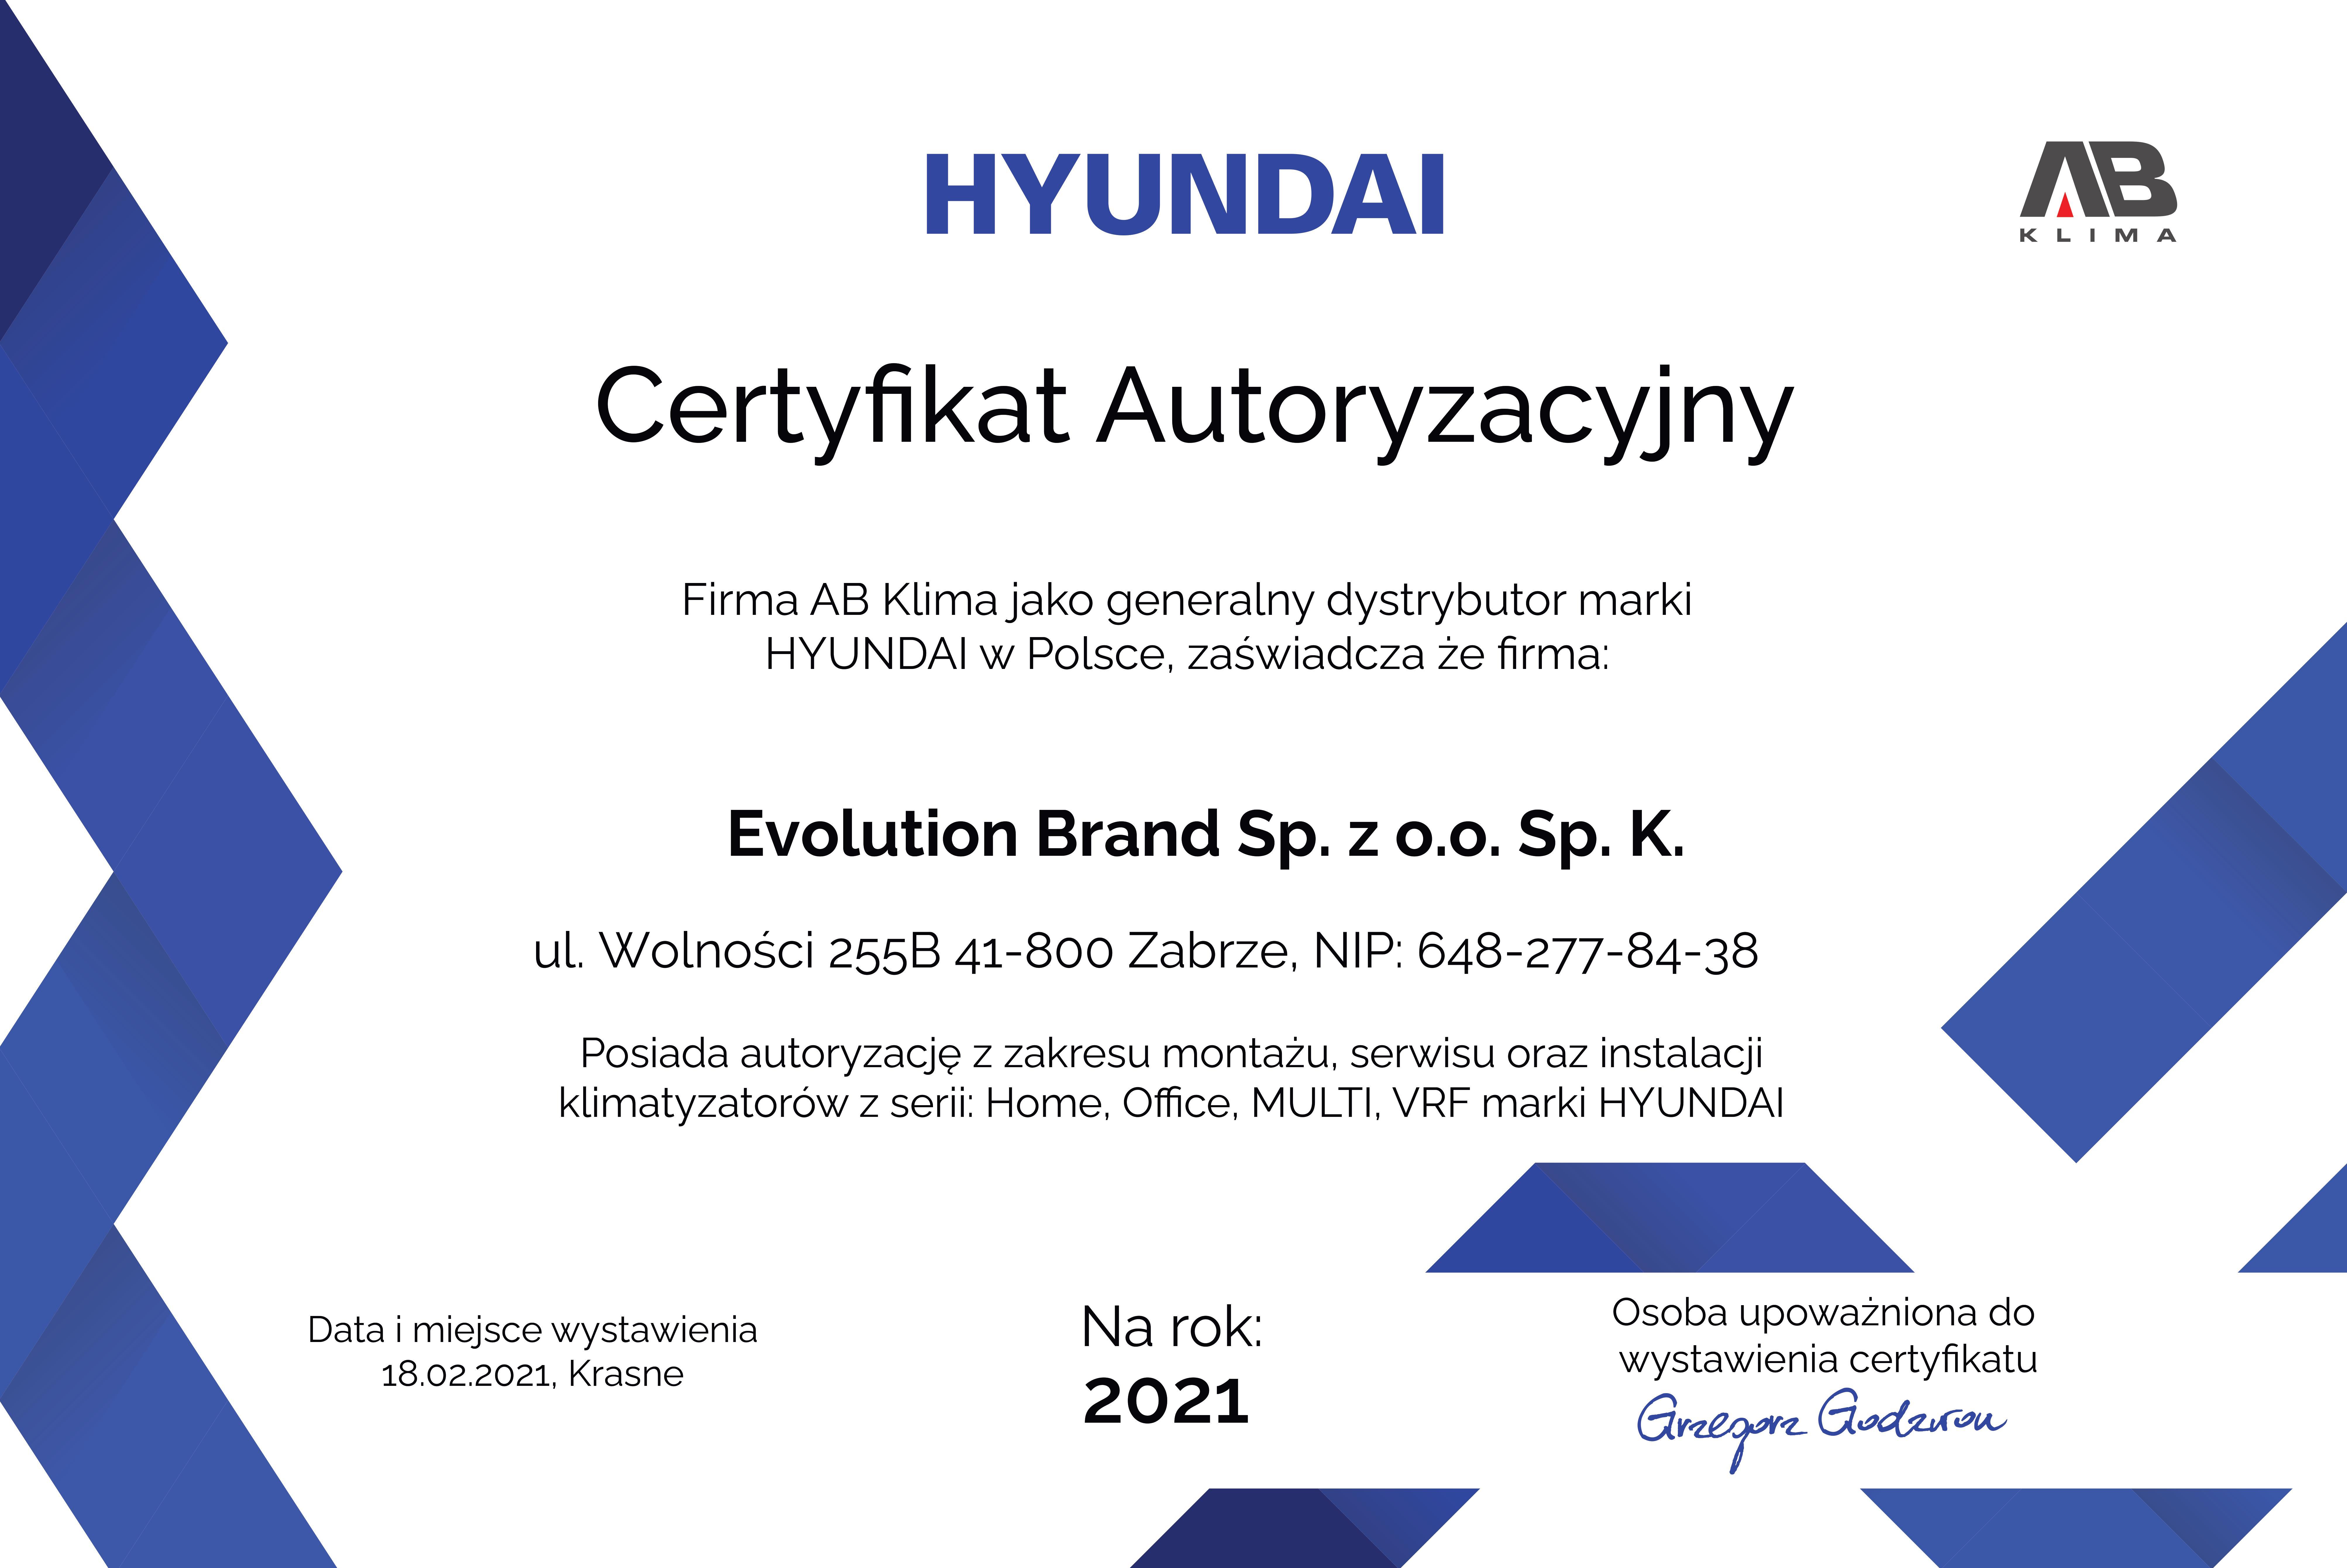 Certyfikat Hyundai 2021